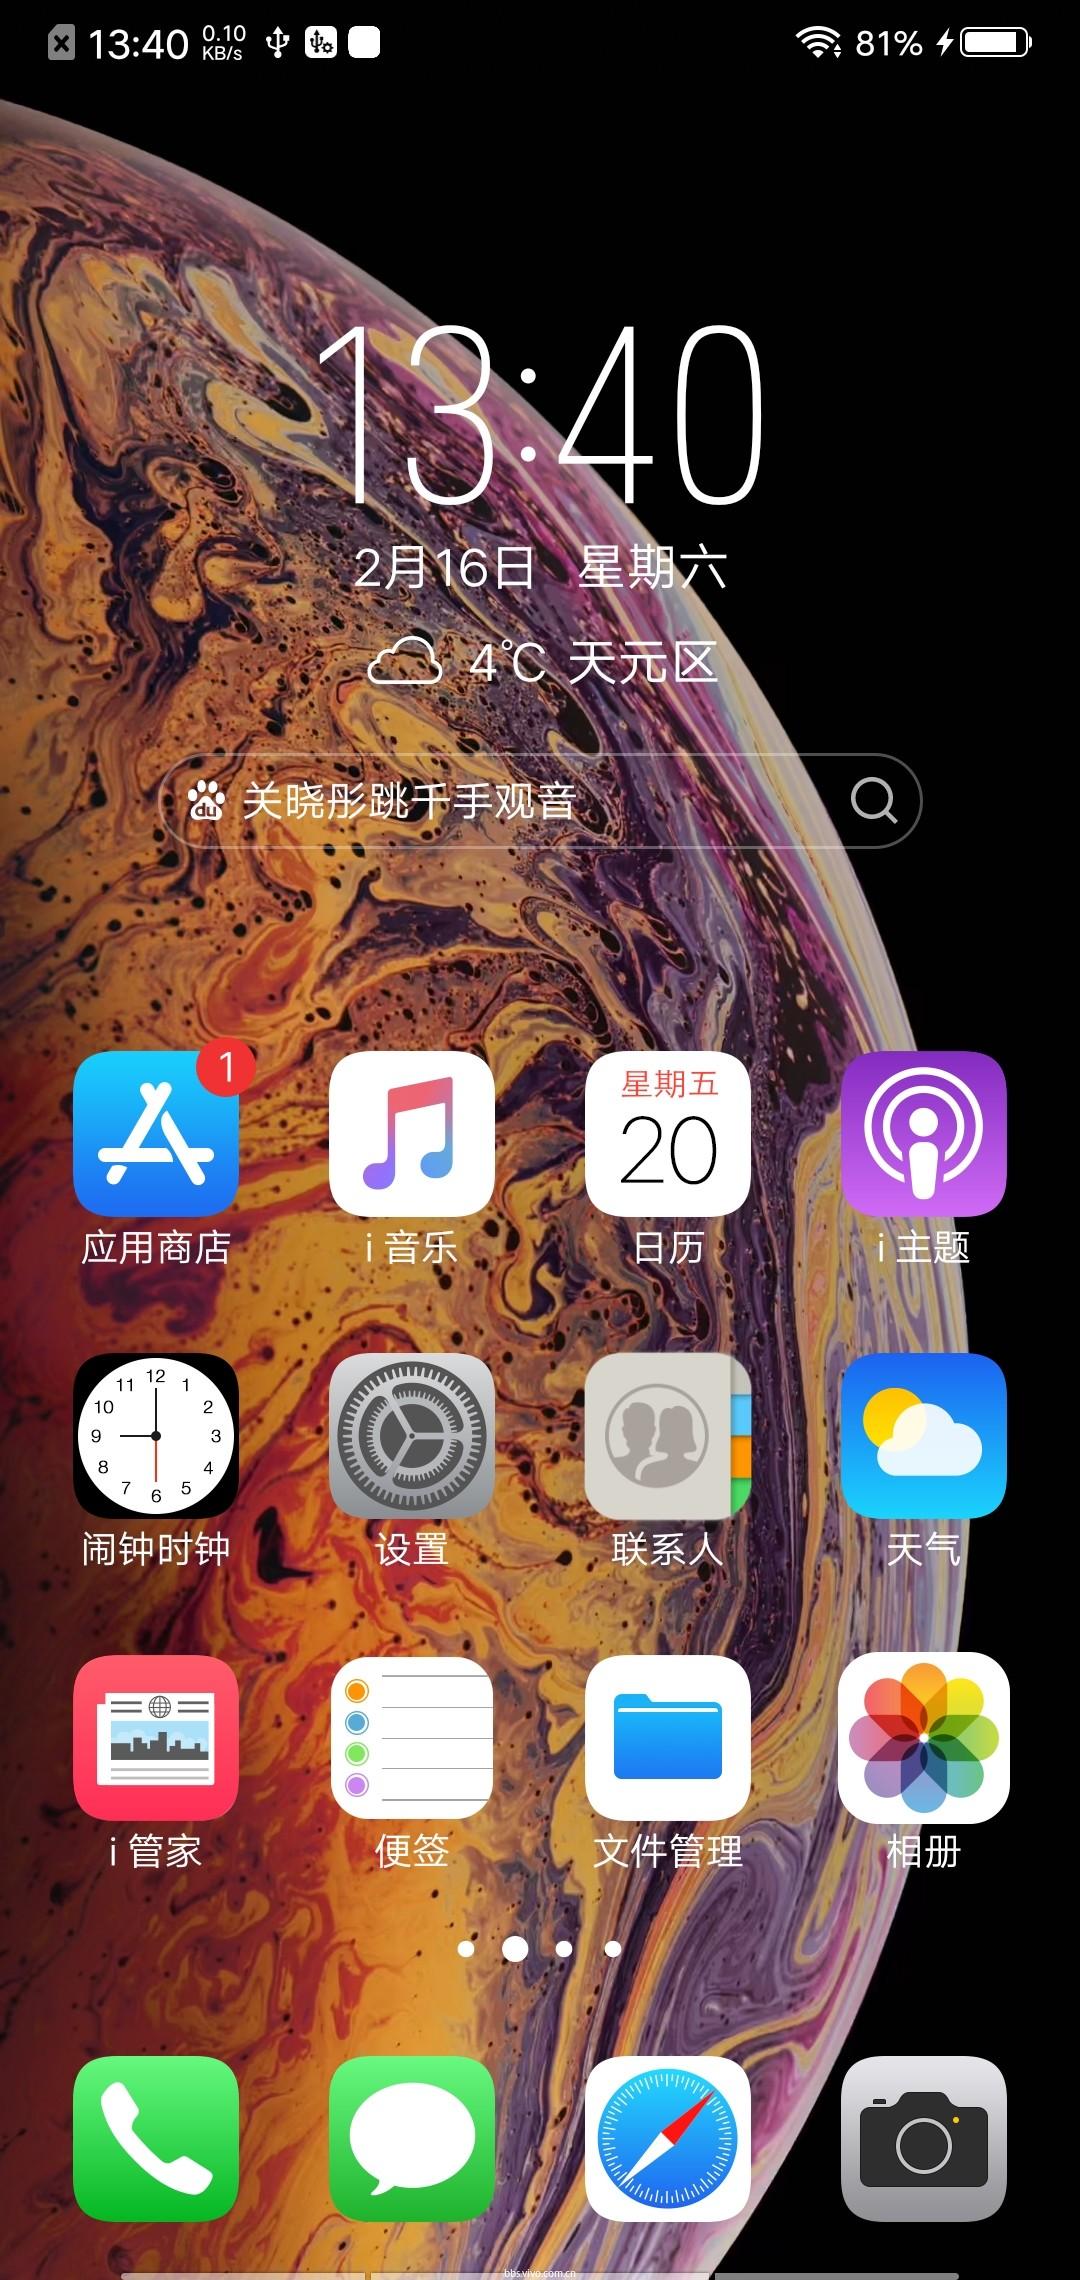 Screenshot_20190216_134049.jpg